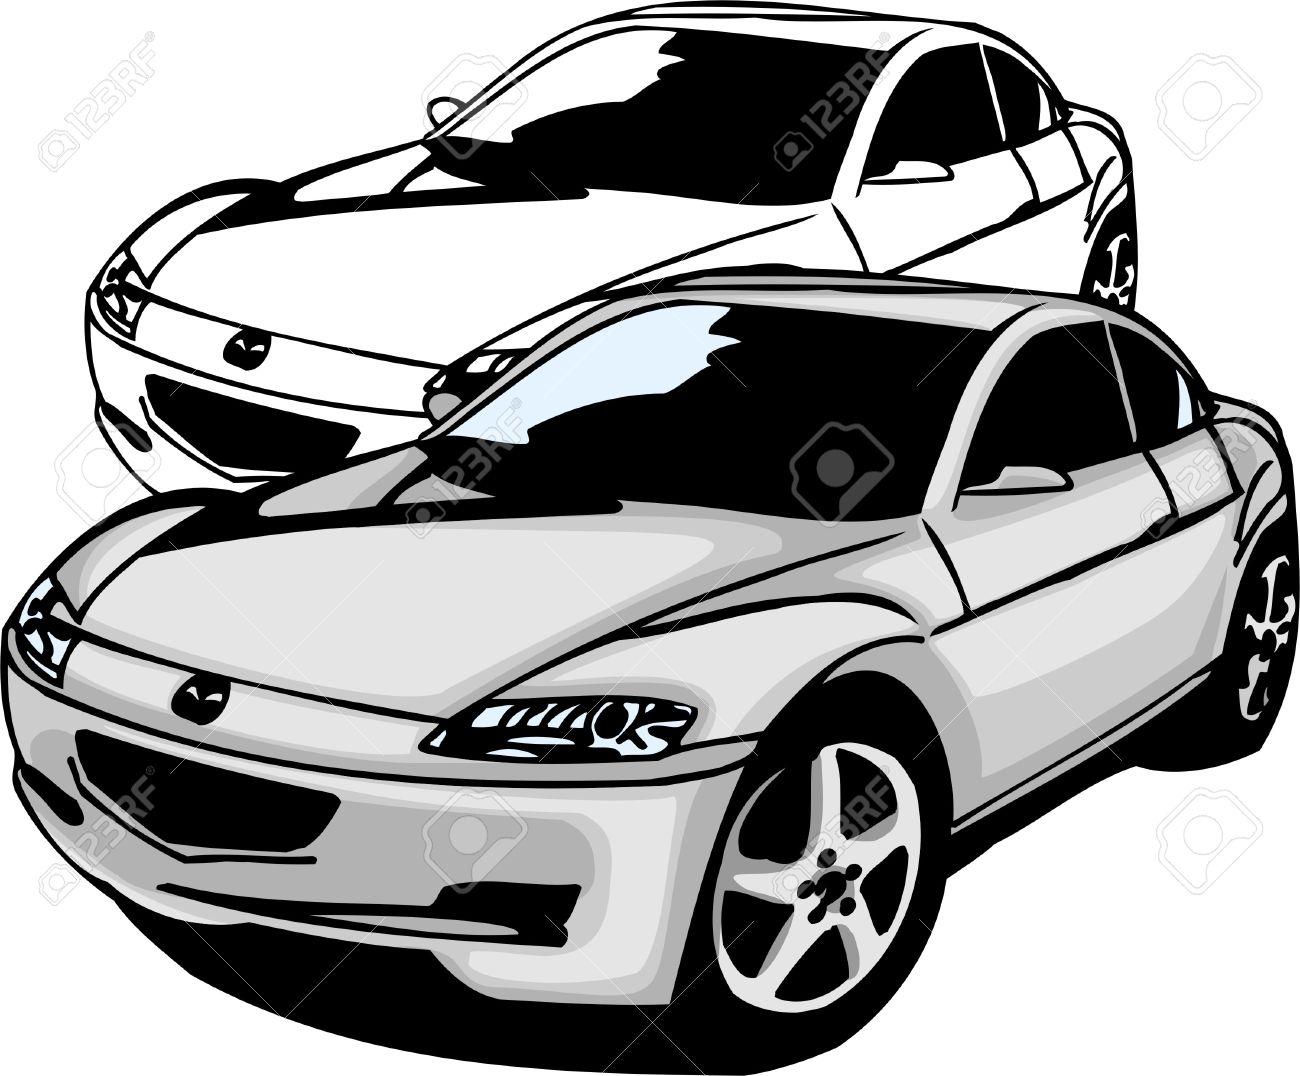 Sport Cars.  Illustration.Vinyl Ready. Stock Vector - 8682754